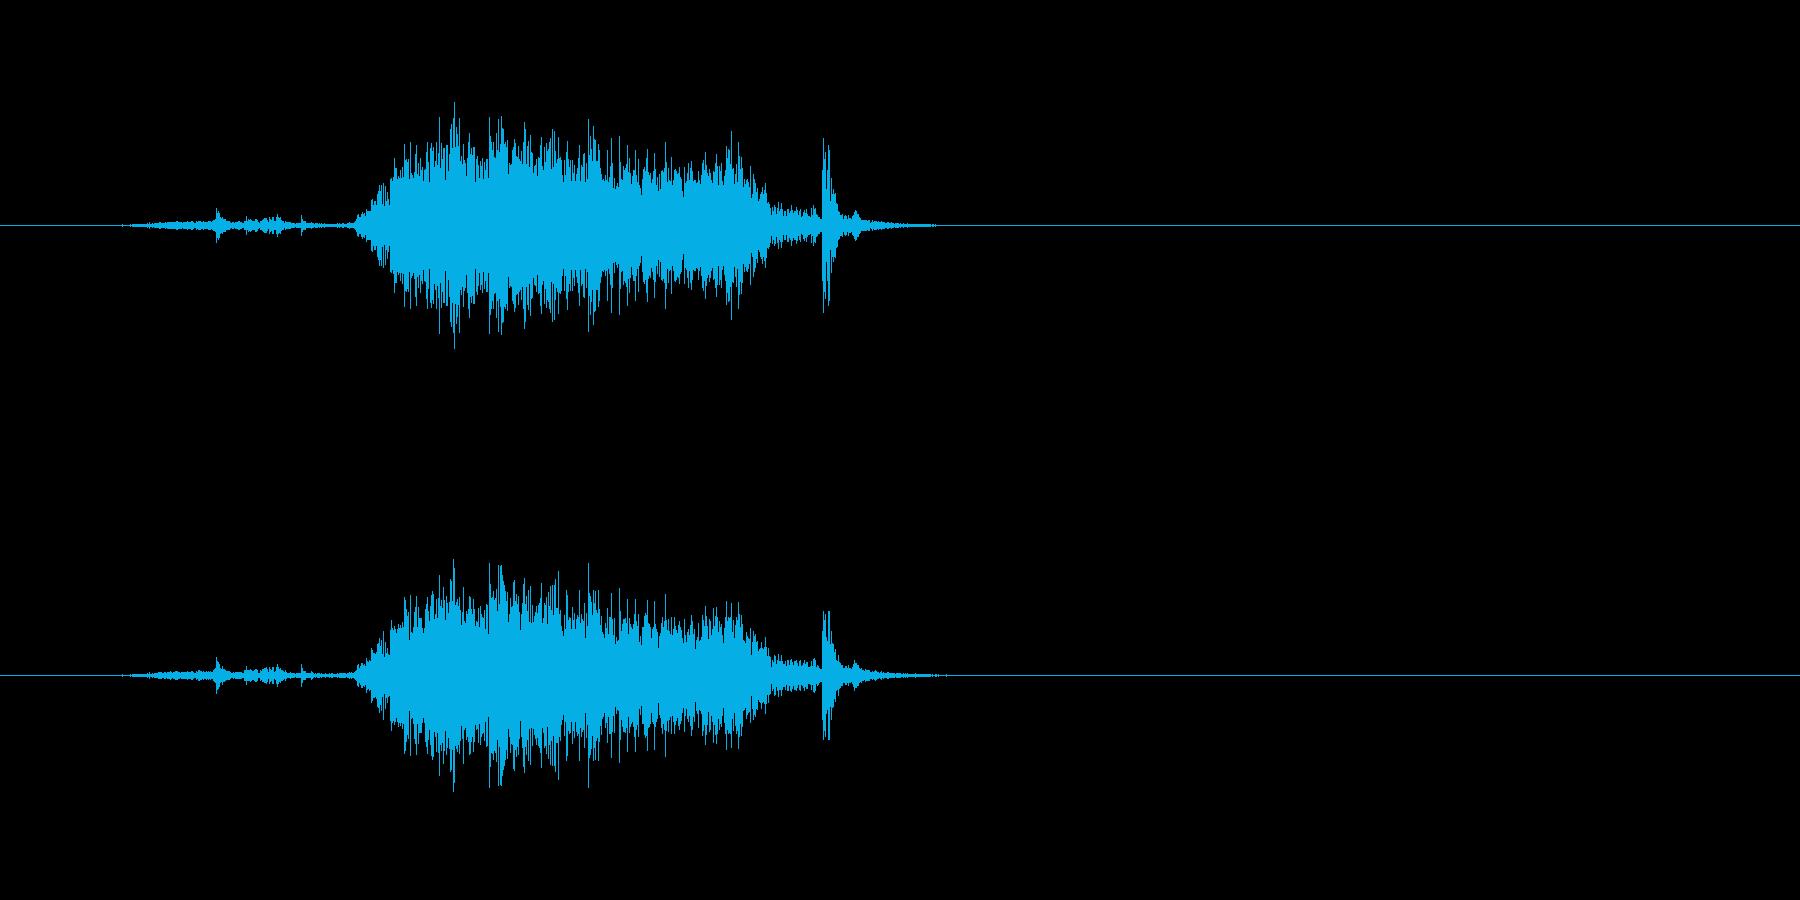 【カーテン02-3】の再生済みの波形